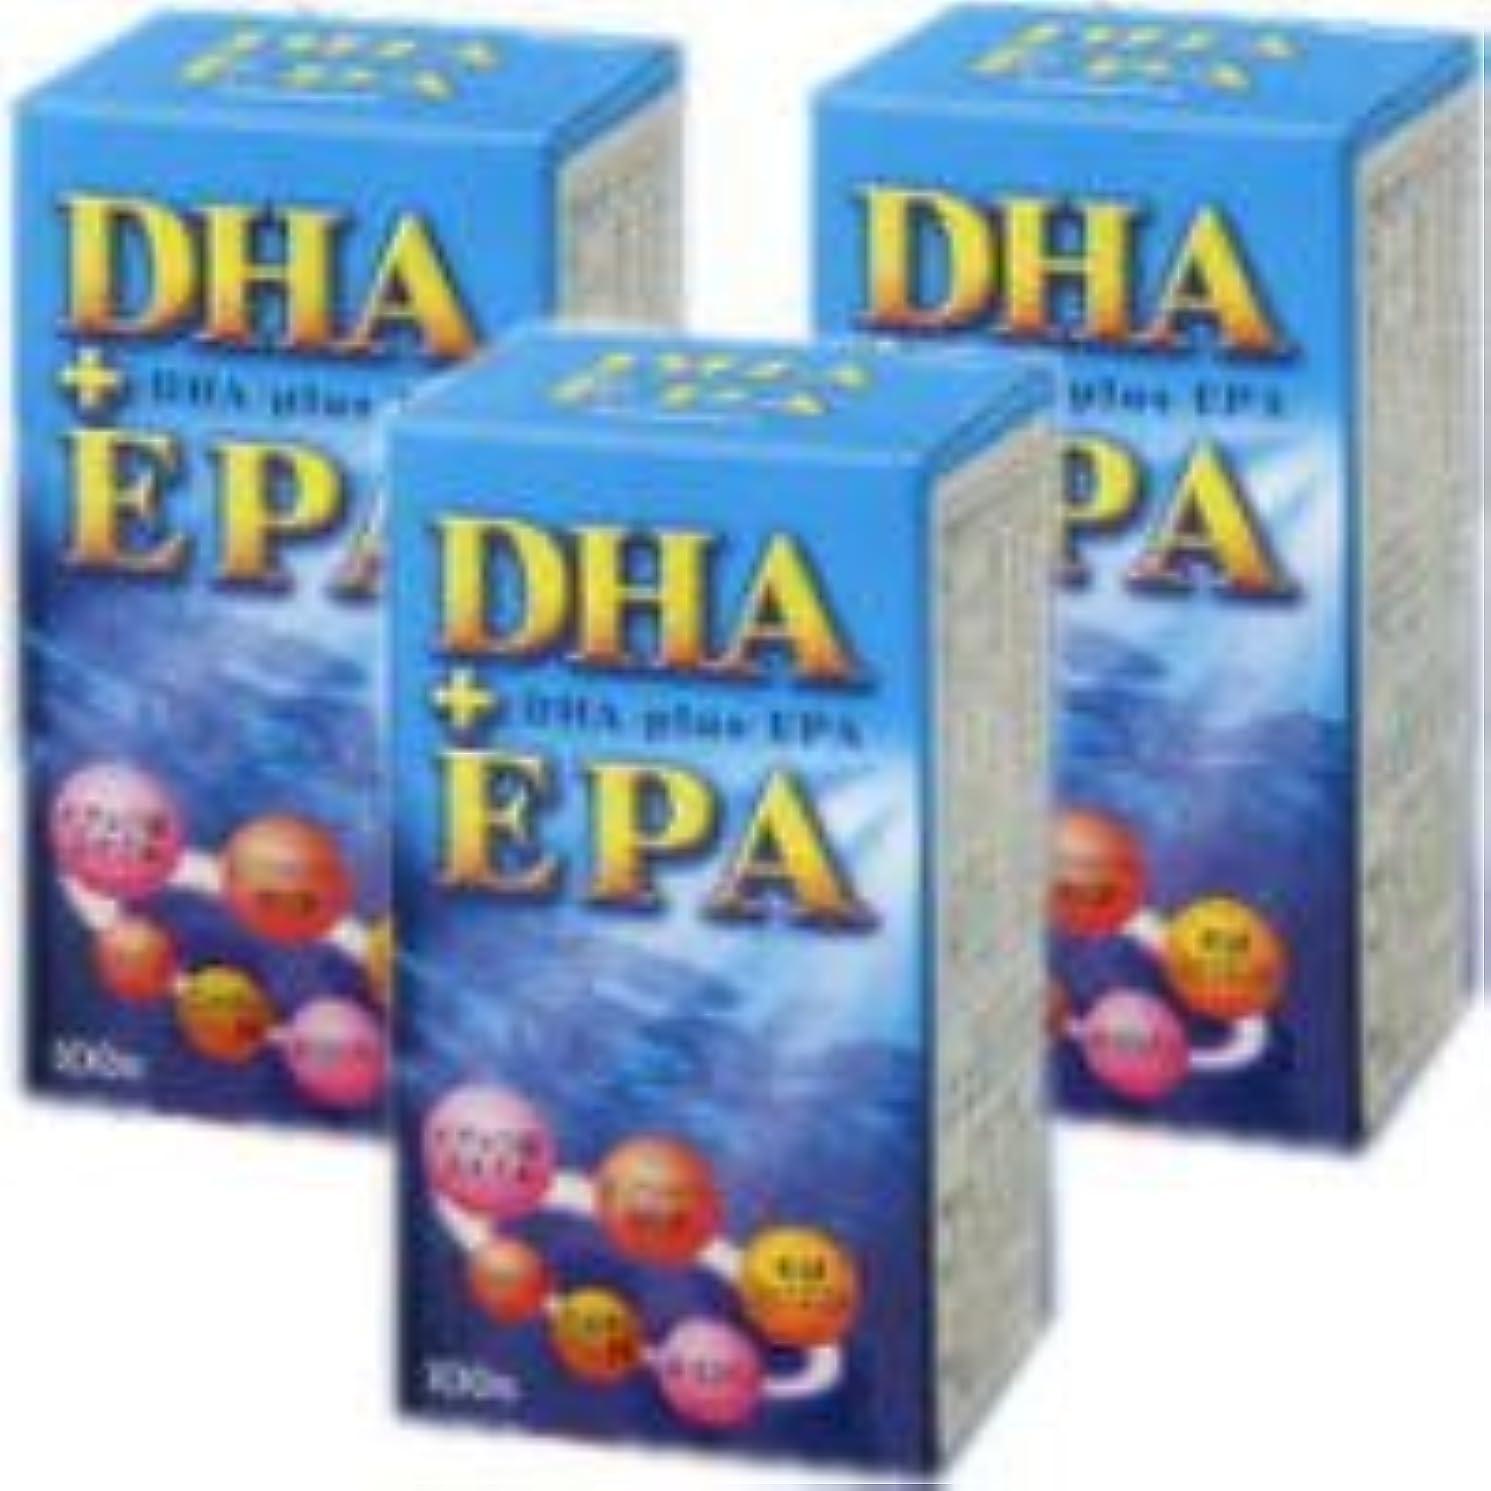 熟読限界背の高いDHA+EPA 3個